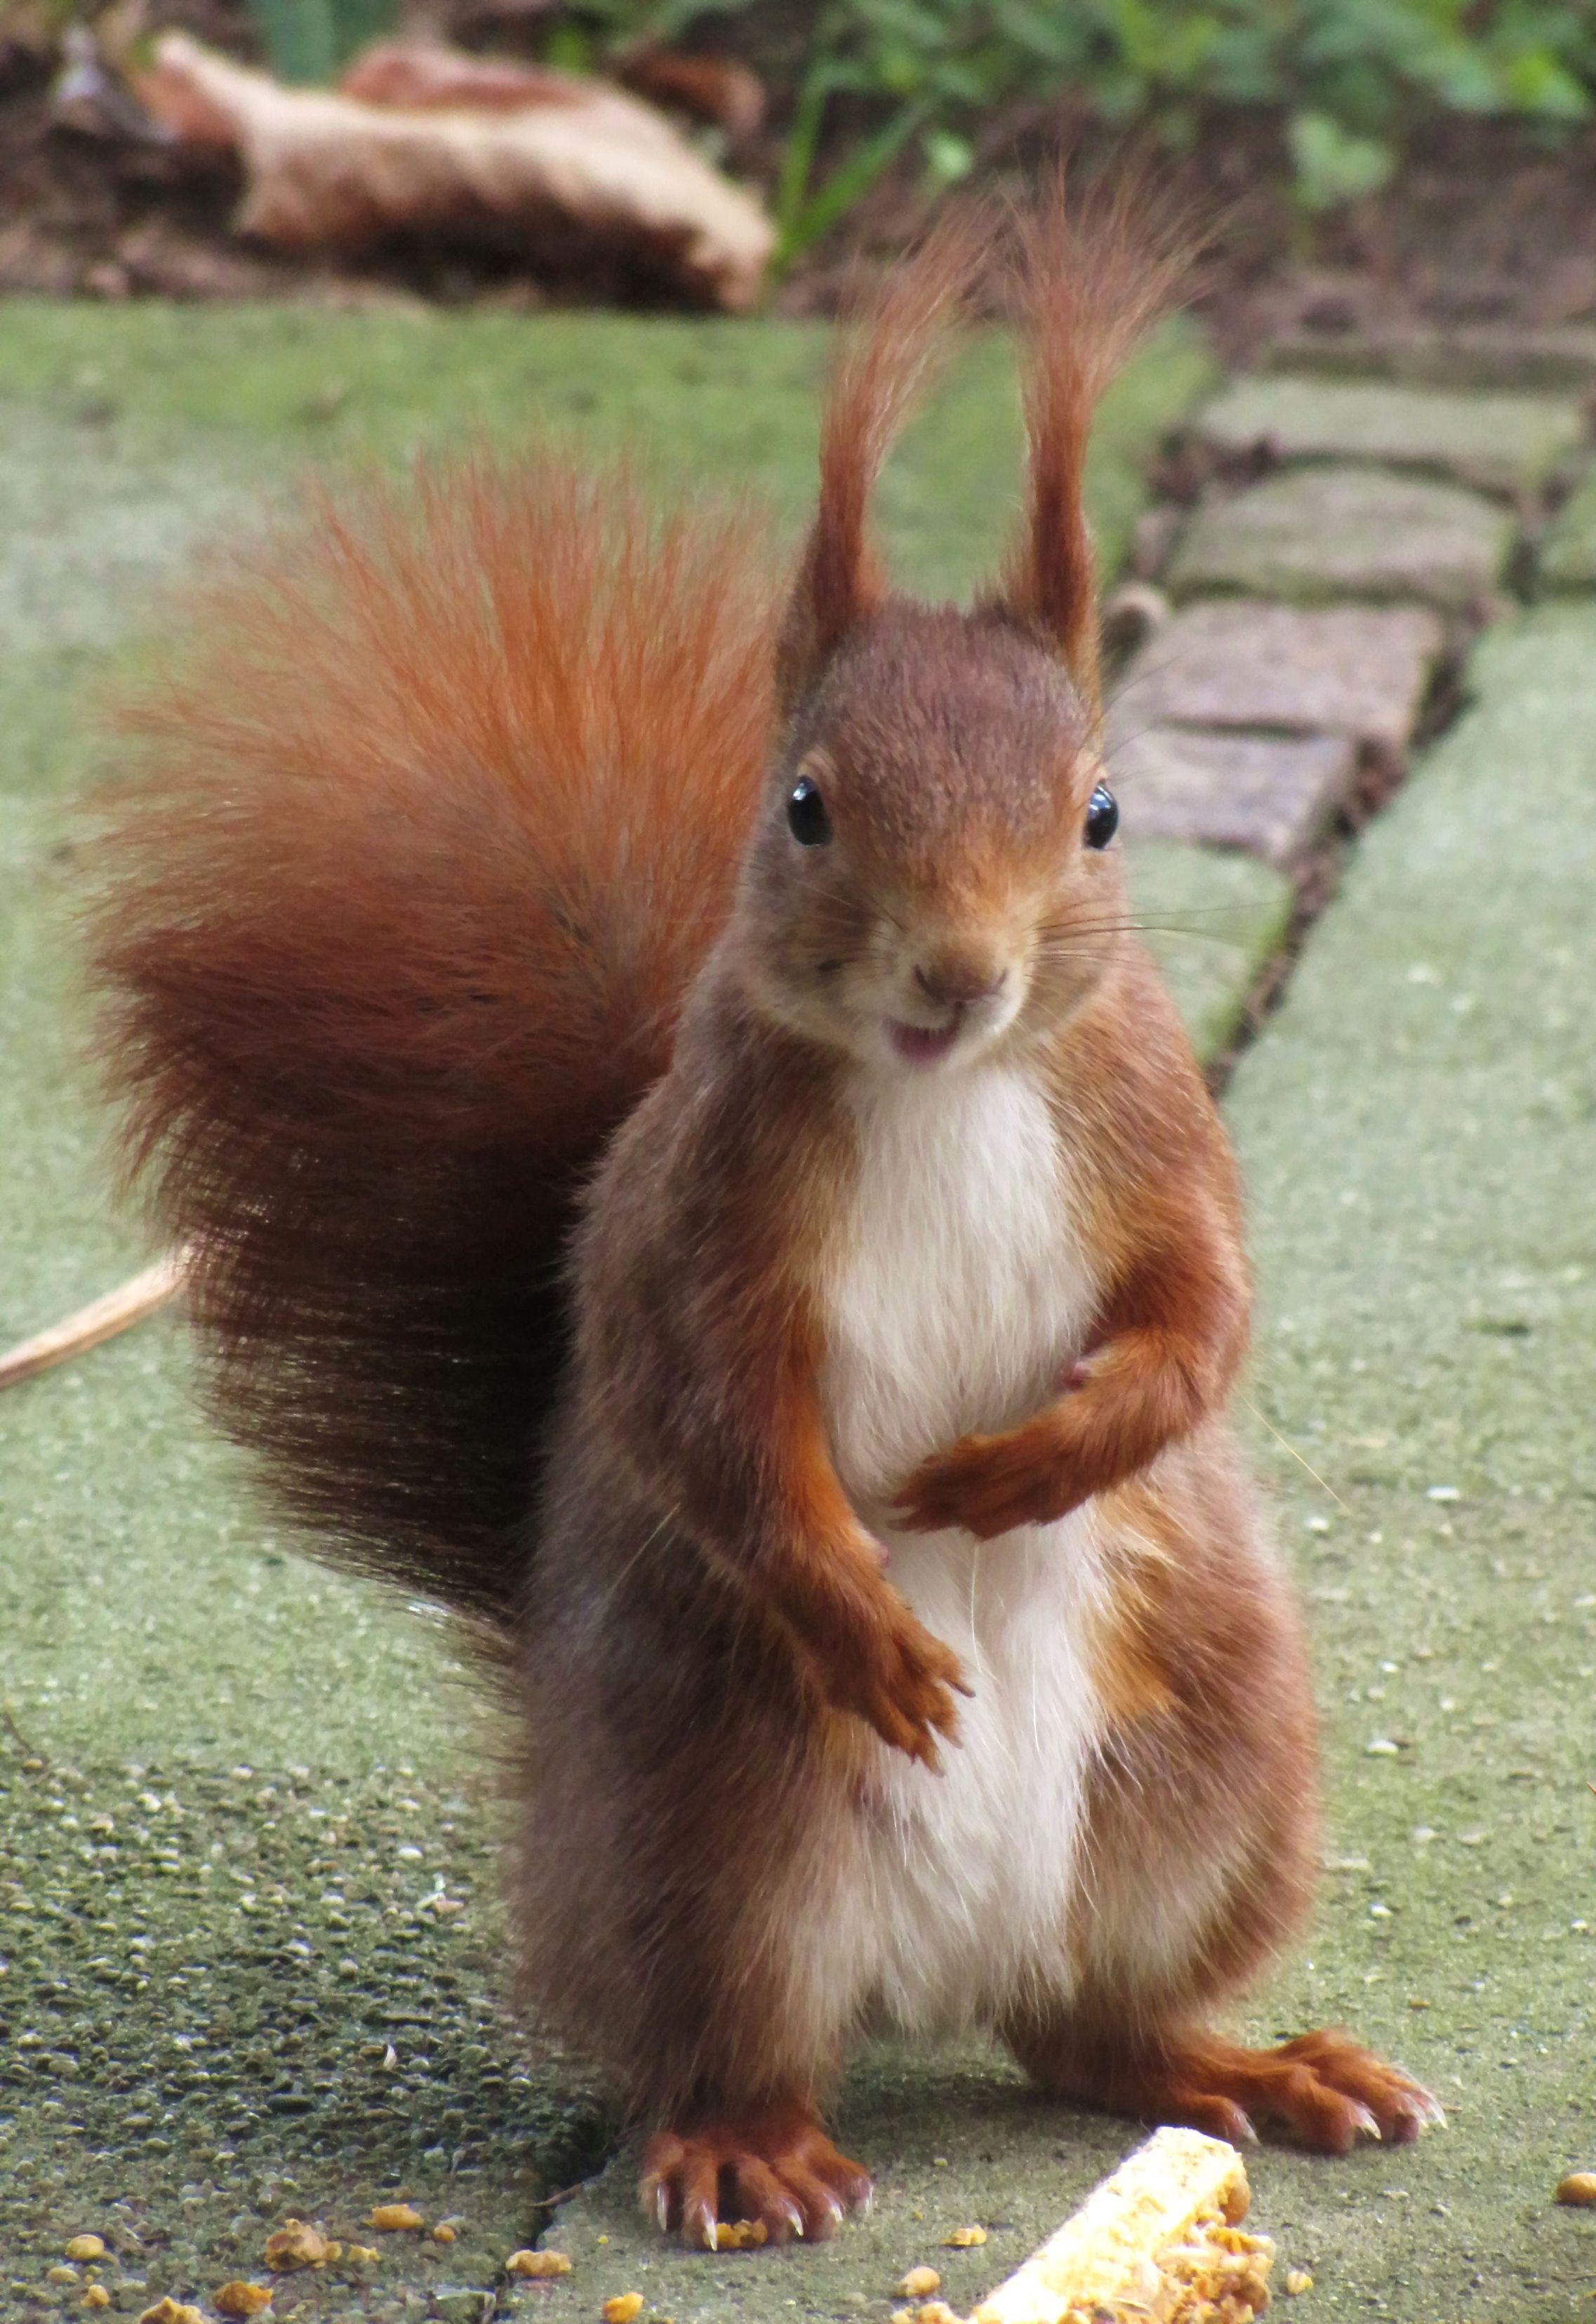 eichhörnchen, eichhörnchen bilder, tiere